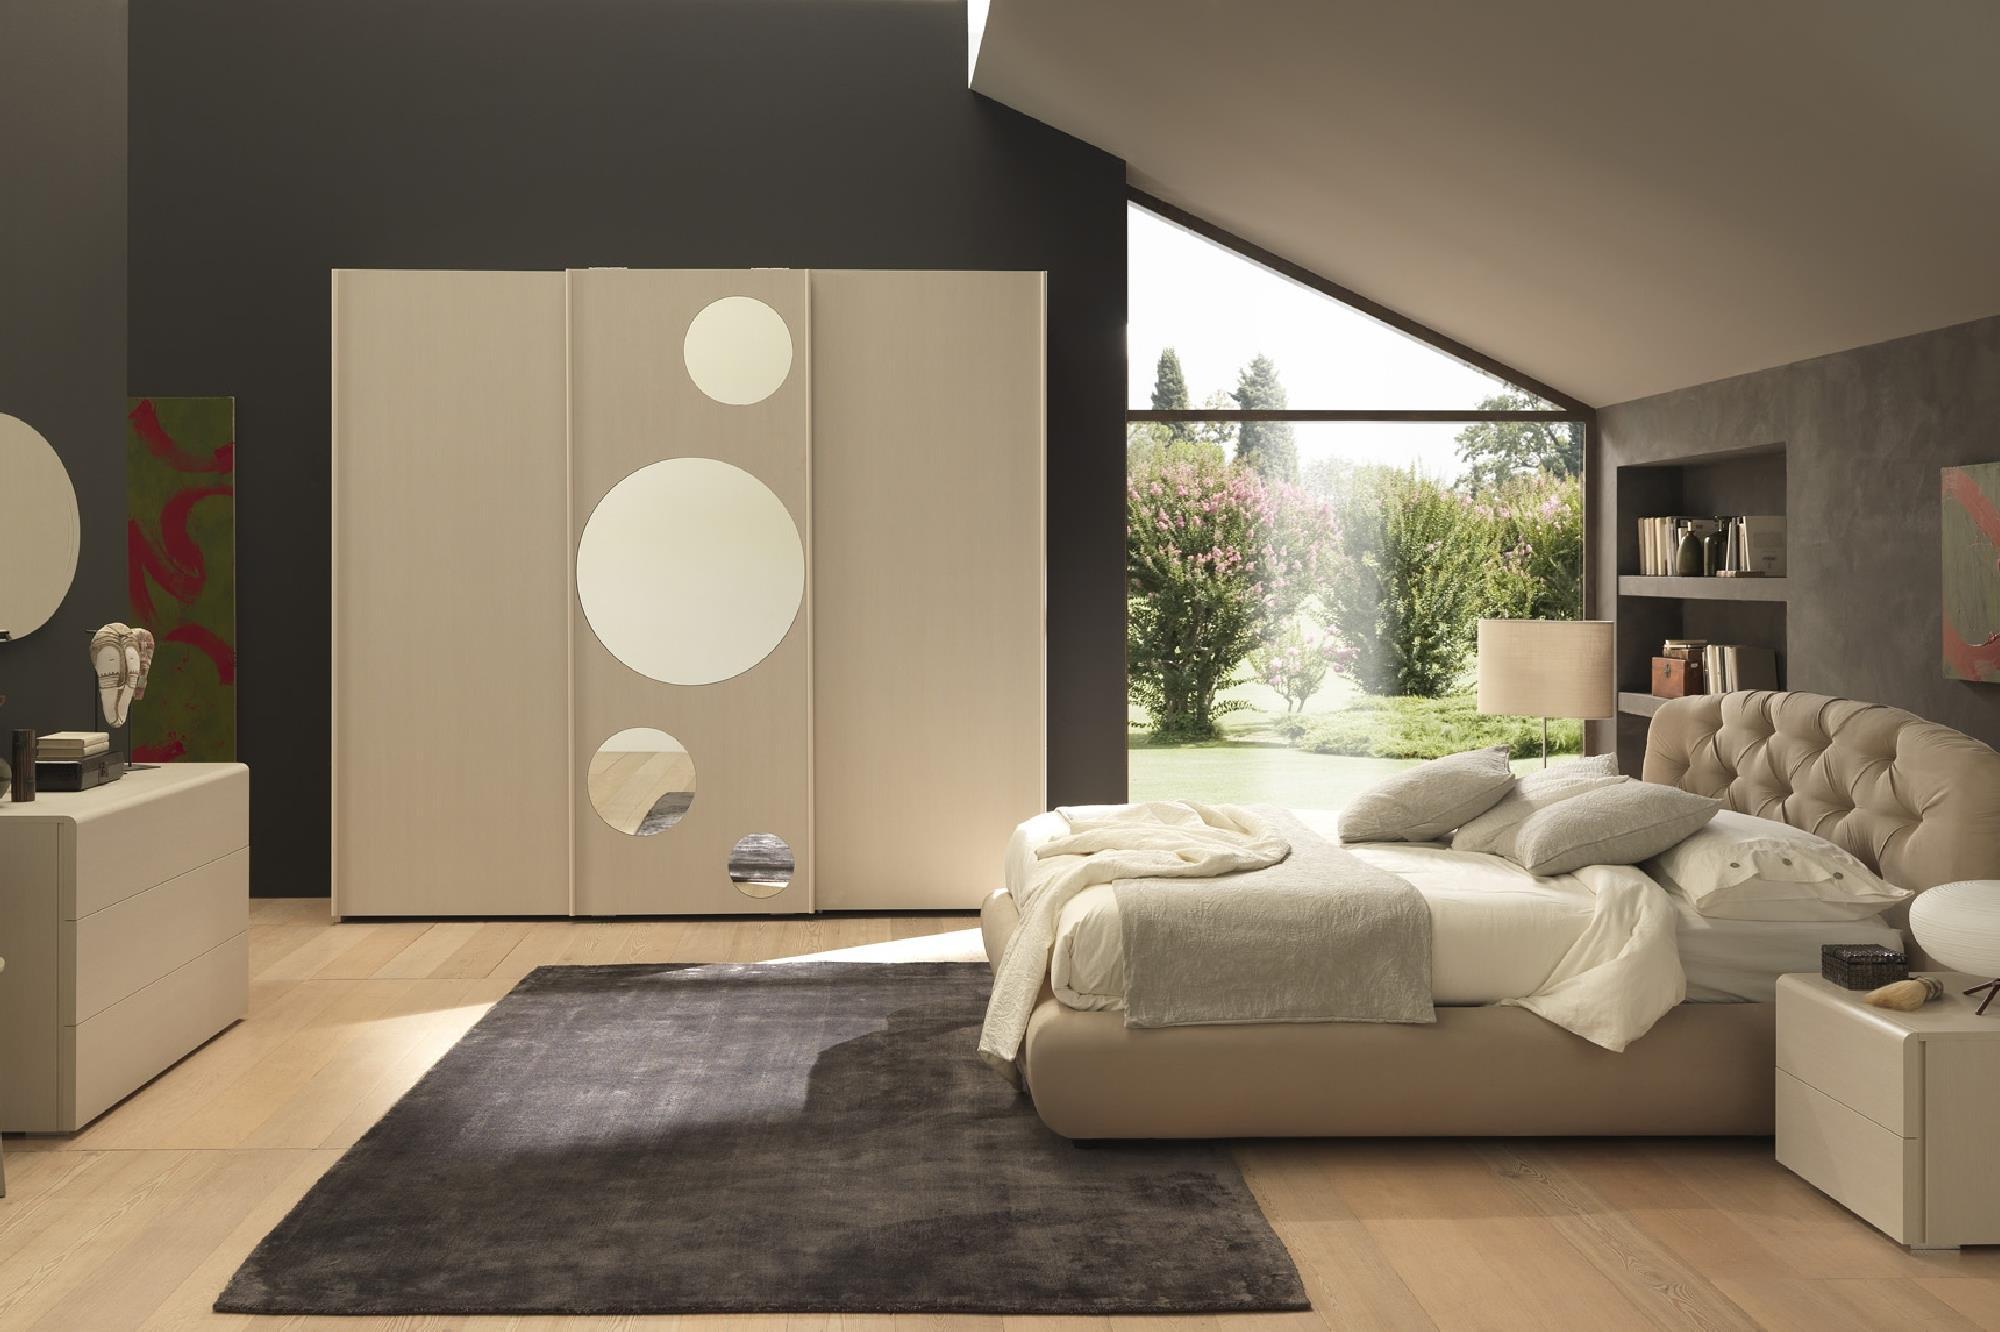 ديكورات غرف نوم عصرية دليلك الشامل لإختيار غرفة نومك Bedrooms